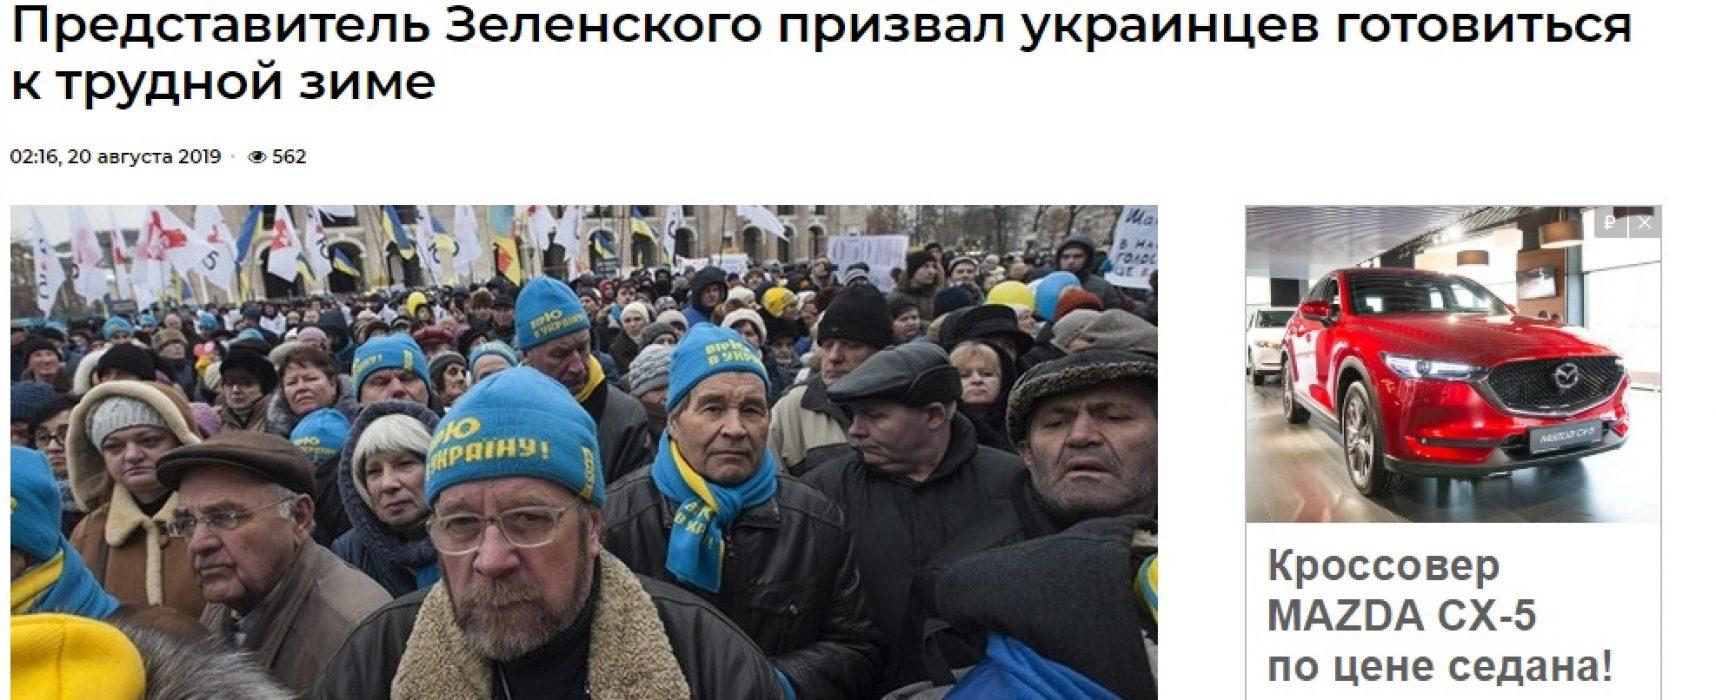 Falso: A los ucranianos les llamaron a prepararse para un invierno difícil debido a disputas con Rusia